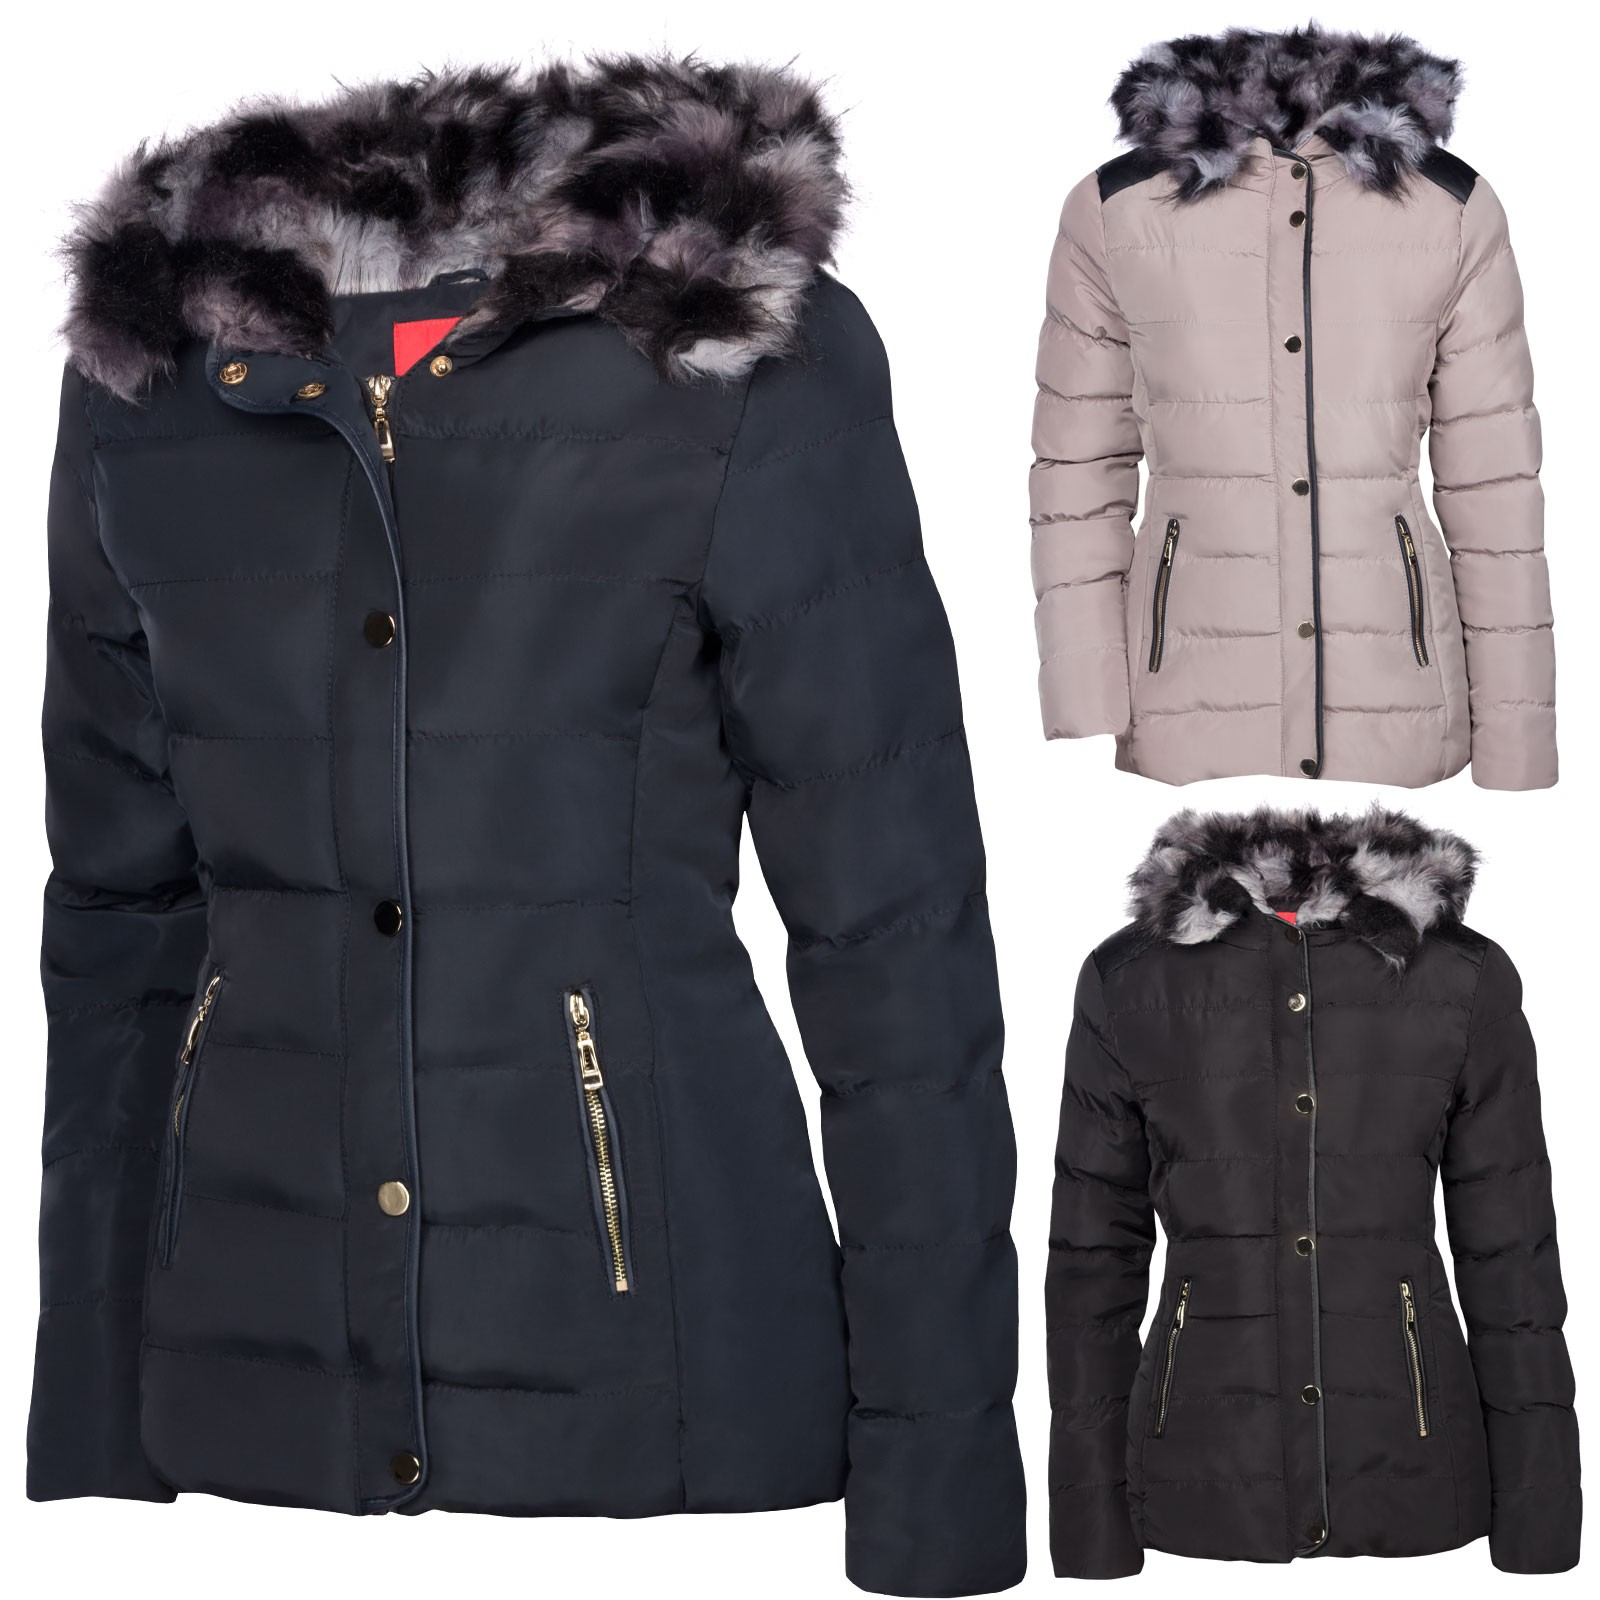 Winterjacken in xxl fur damen